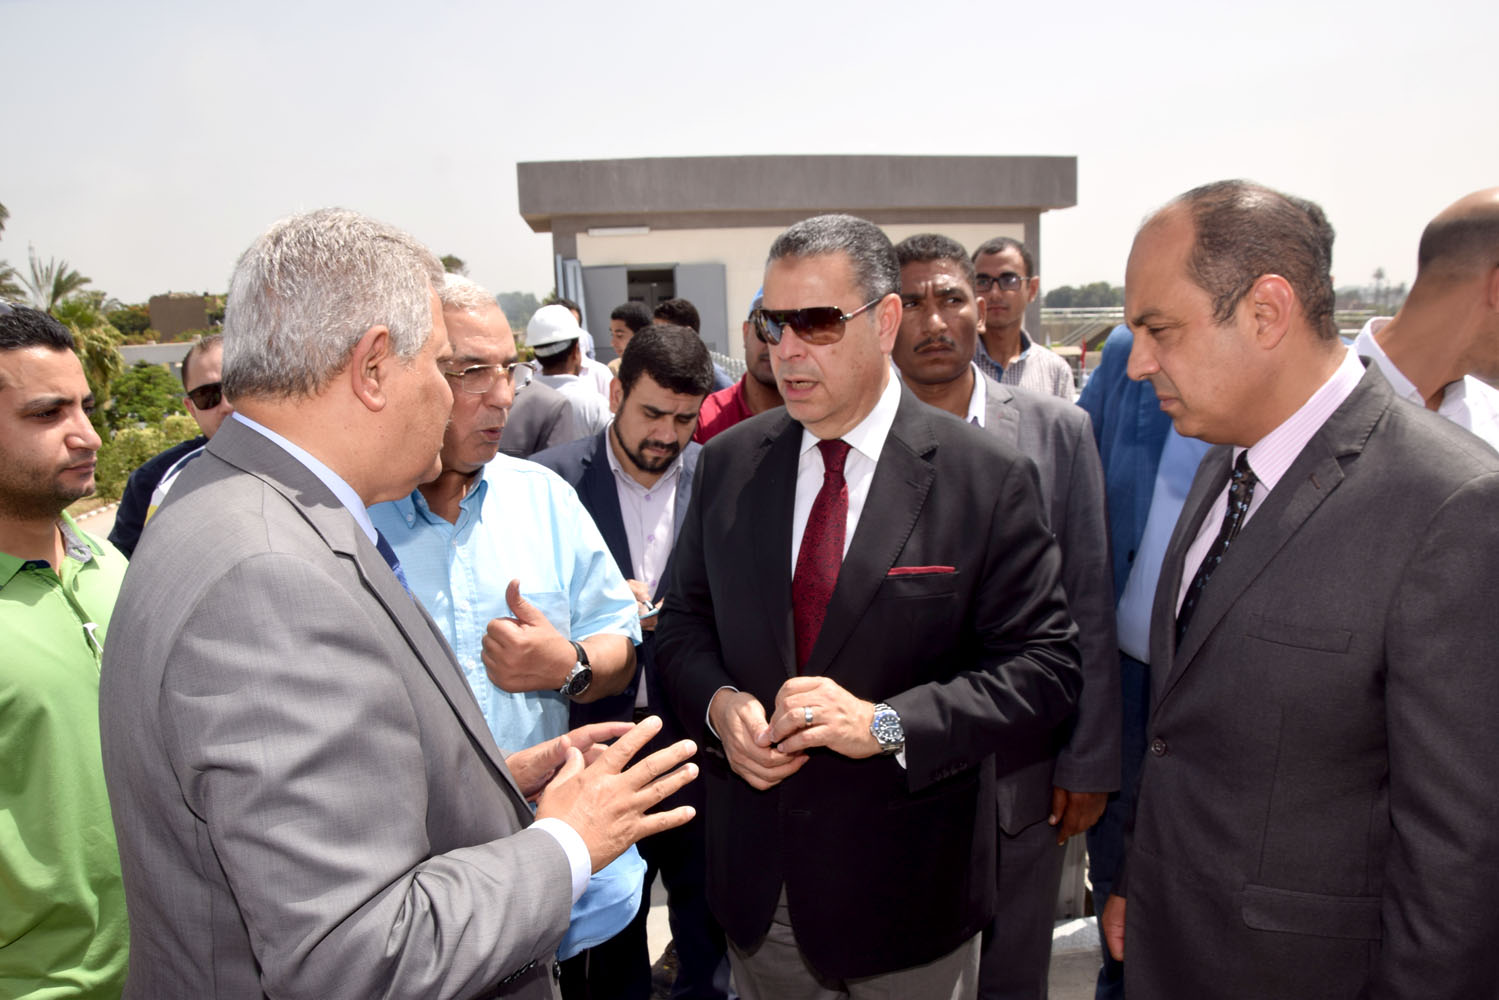 محافظ بني سويف ورئيس الشركة القابضة يتفقدان مشروع تطوير محطة صرف تزمنت الشرقية (1)